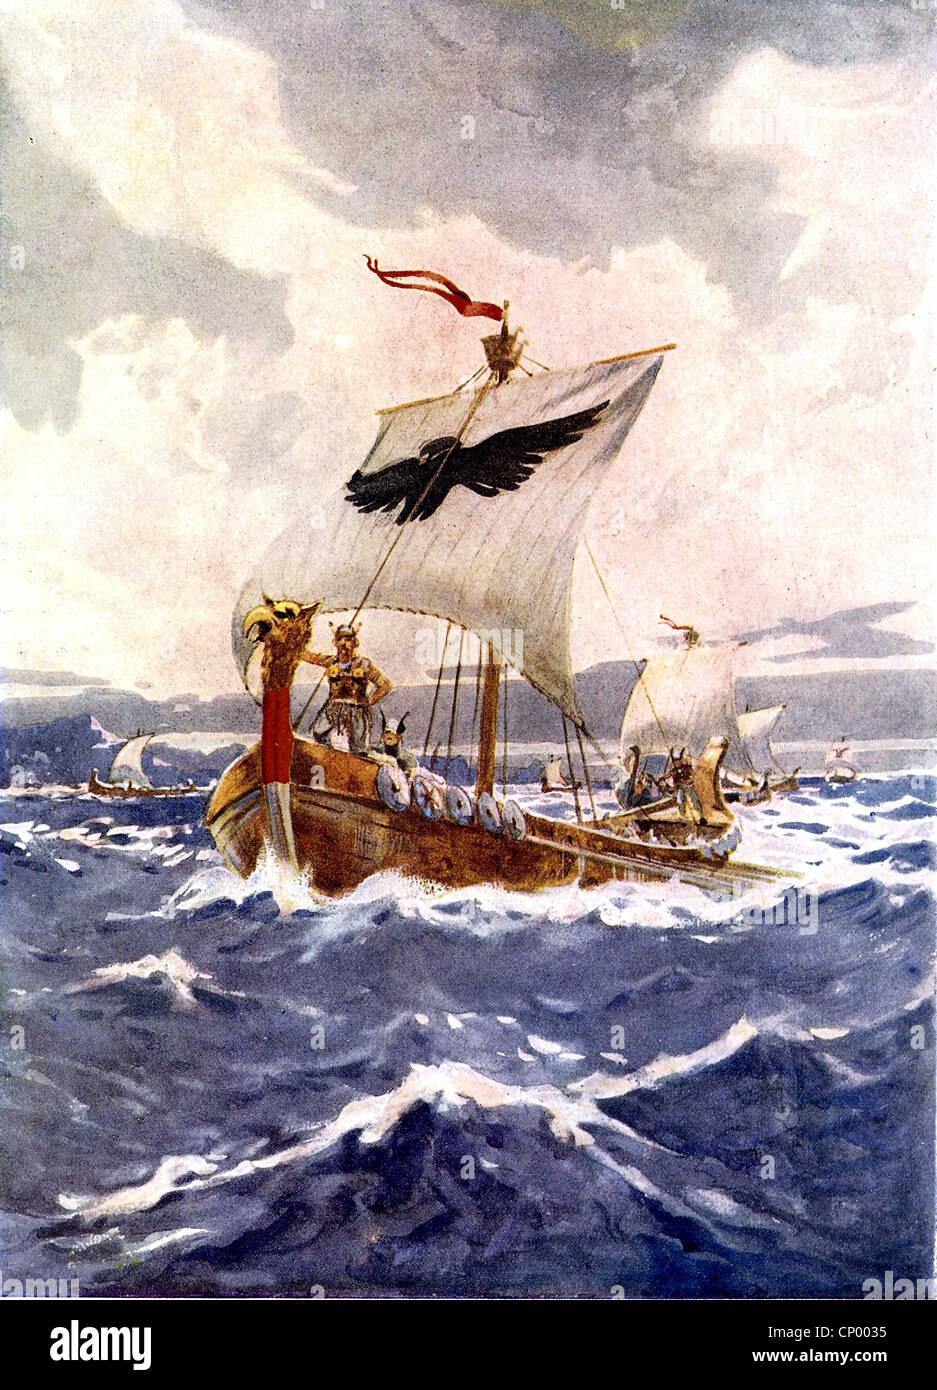 Mittelalter, Wikinger, Wikingerschiff, Segeln, Gemälde von Arch Webb, historischen, geschichtlichen, Schiffe, Boot, Stockfoto